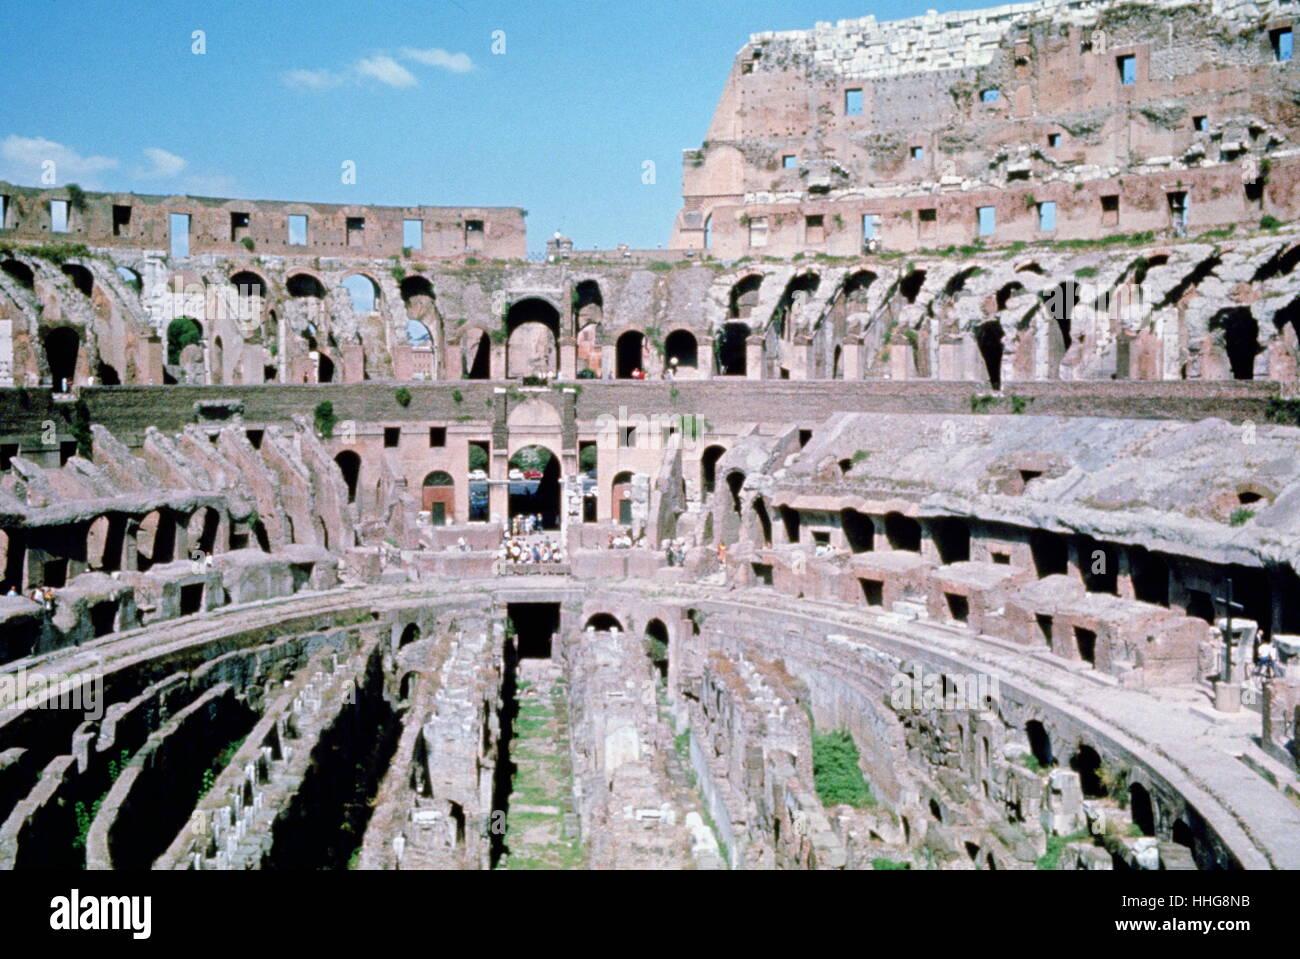 Das Kolosseum oder Kolosseum ist ein ovales Amphitheater im Zentrum von Rom Stockbild